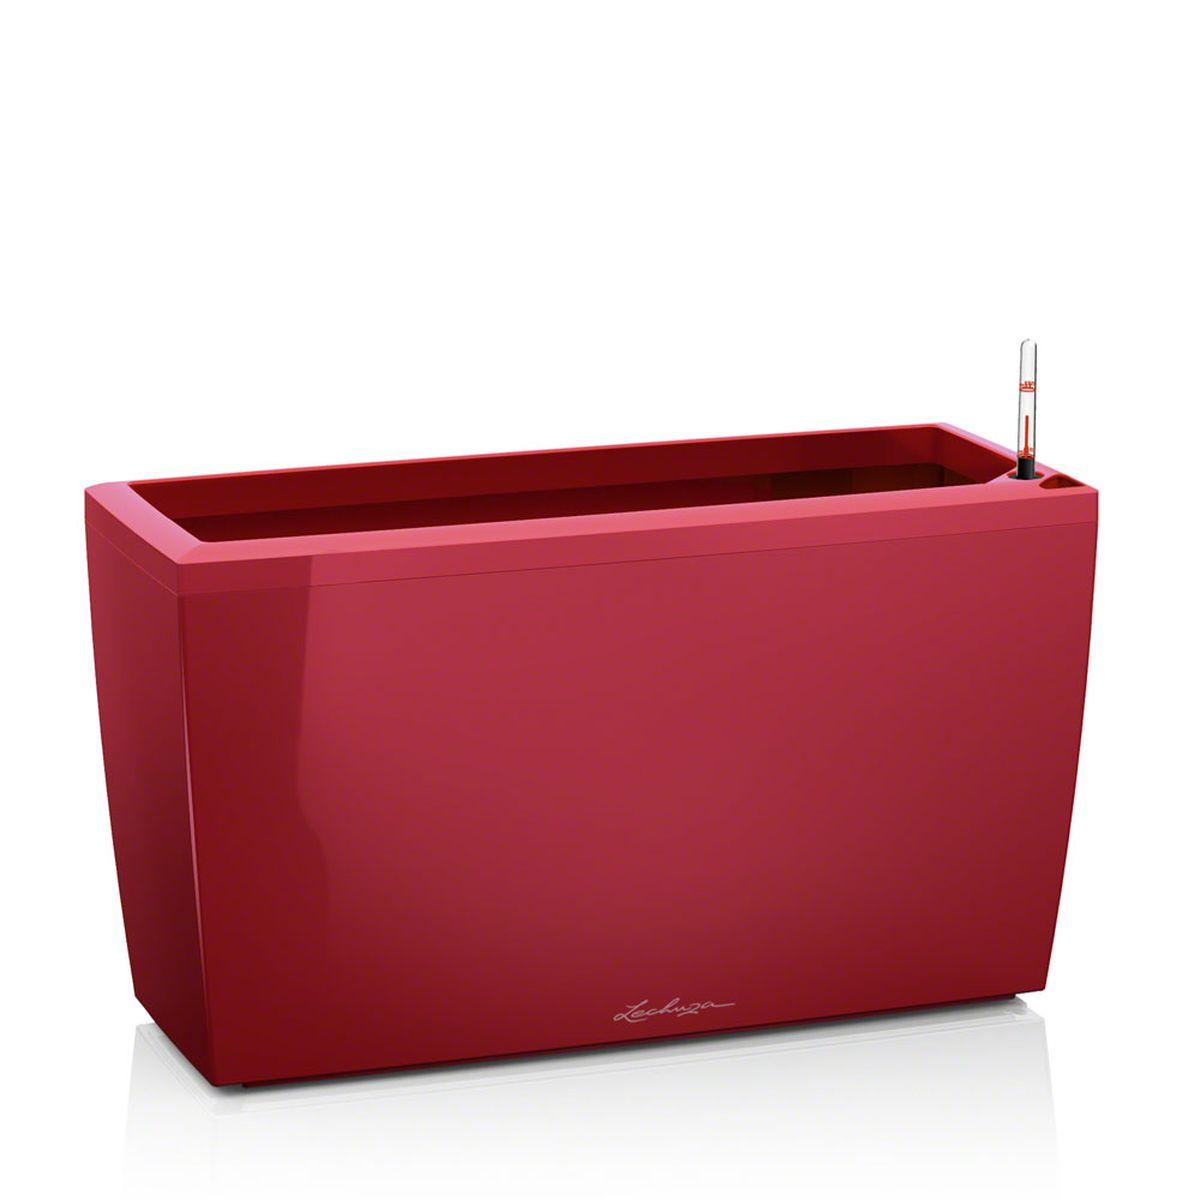 Кашпо Lechuza Cararo, с системой автополива, цвет: красный, 75 х 30 х 43 смING43017FМРКашпо Lechuza Cararo, выполненное из высококачественногопластика, имеет уникальную систему автополива, благодарякоторой корневая система растения непрерывно снабжаетсявлагой из резервуара. Уровень воды в резервуареконтролируется с помощью специального индикатора. Взависимости от размера кашпо и растения воды хватаетна 2-12 недель. Это способствует хорошему росту цветов ипредотвращает переувлажнение. Кашпо Lechuza Cararo прекрасно впишется в интерьербольших холлов, террас ресторанов и уютных гостиных.Изделие поможет расставить нужные акценты и придастпомещению вид, соответствующий вашим представлениям.В комплекте поставляется 2 ролика, благодаря которымизделие становится мобильным в любом направлении. Кашпо Lechuza Cararo идеально подойдет для посадкивысоких растений с густыми листьями.